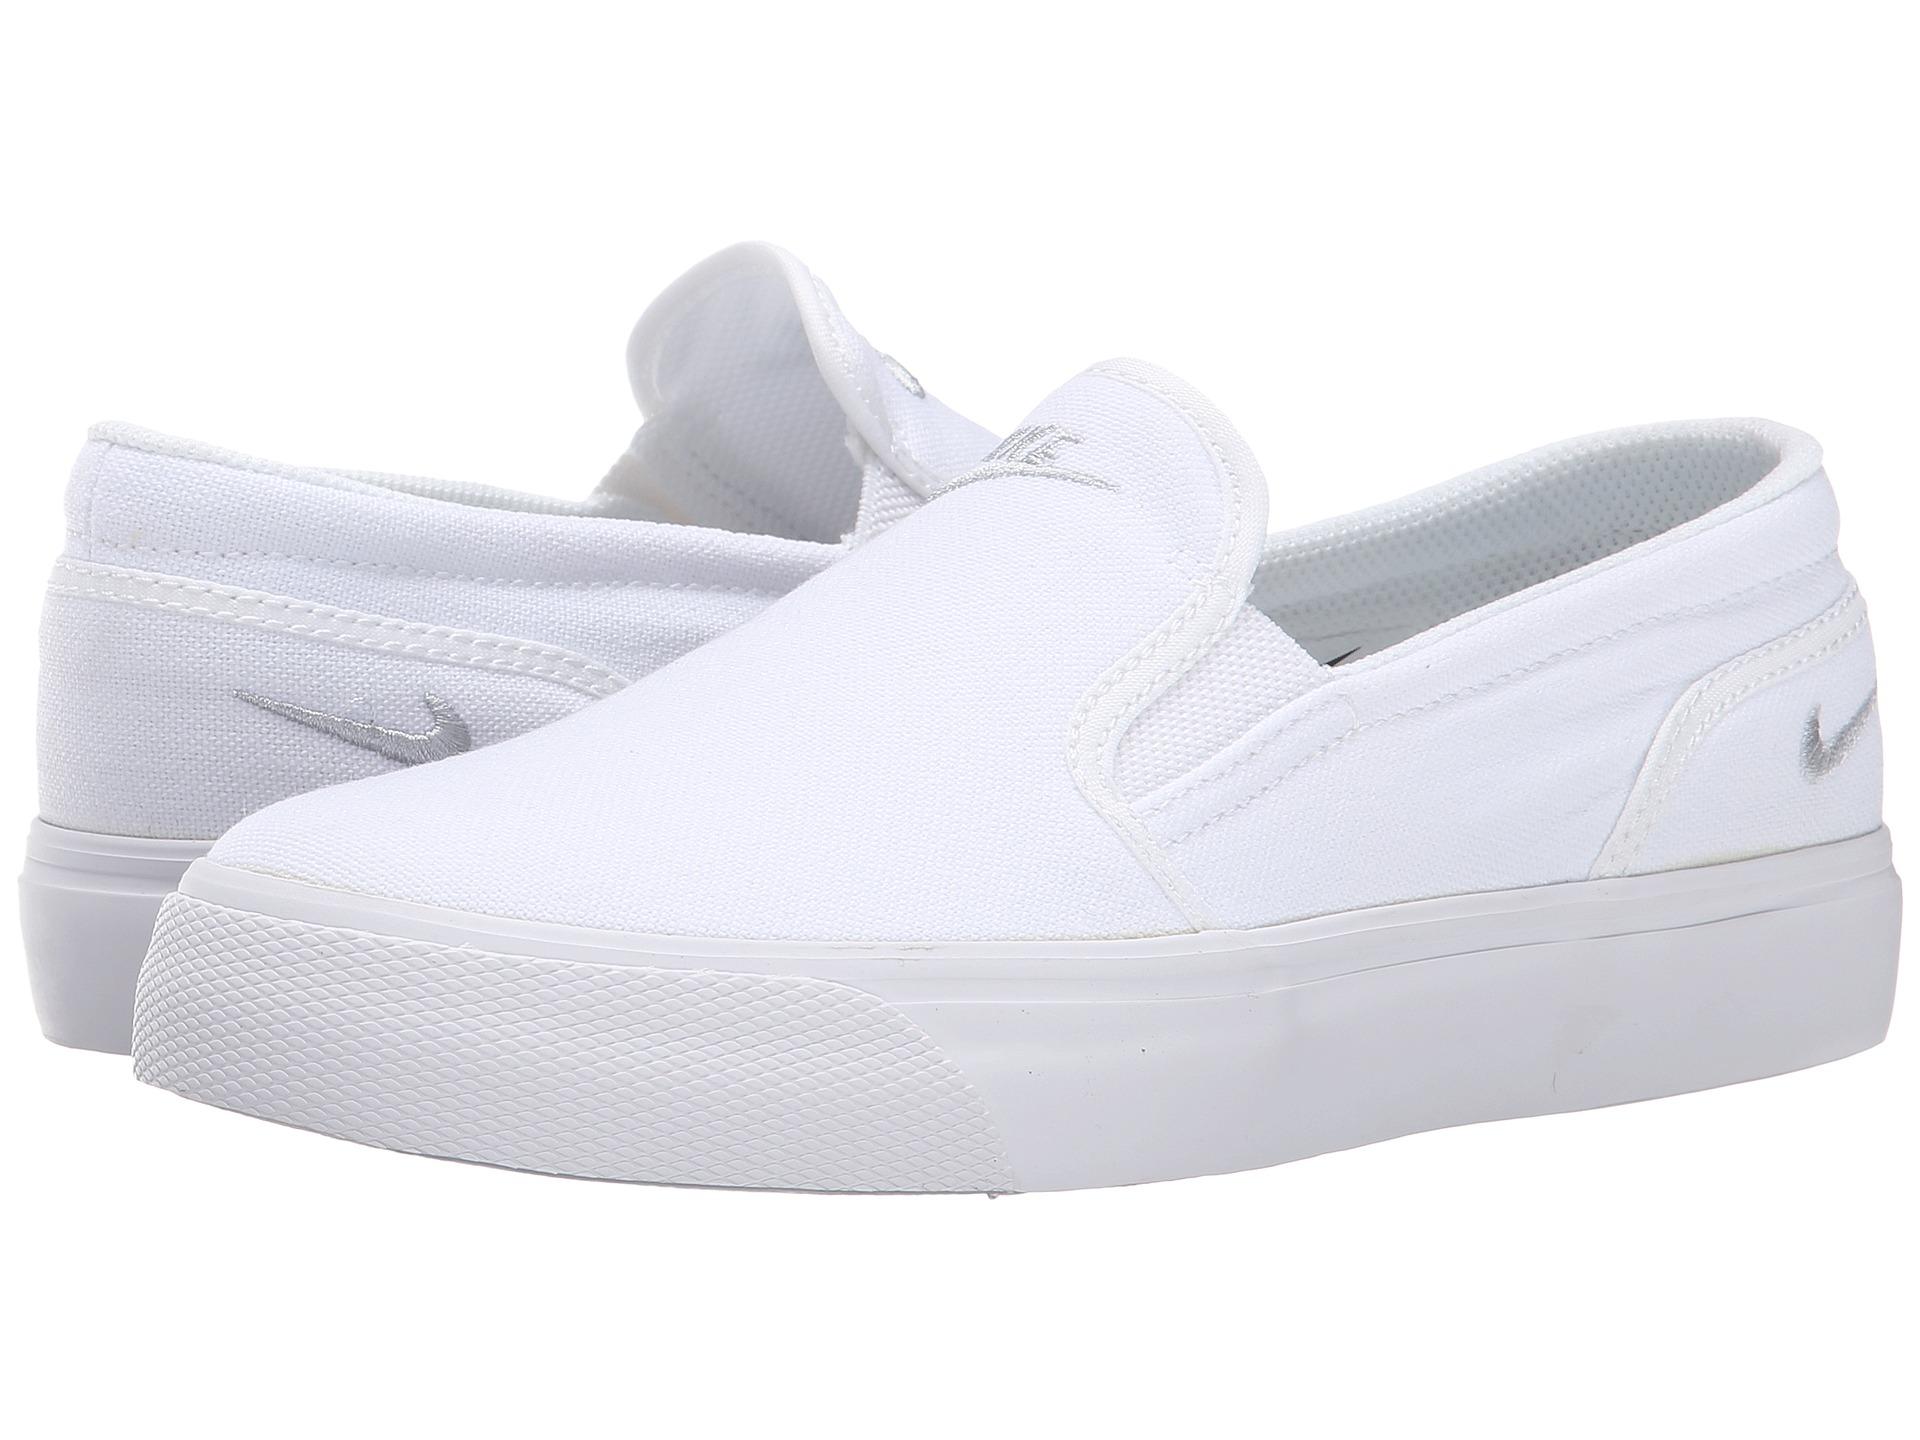 Nike Toki Slip Canvas White/Metallic Platinum - Zappos.com ...